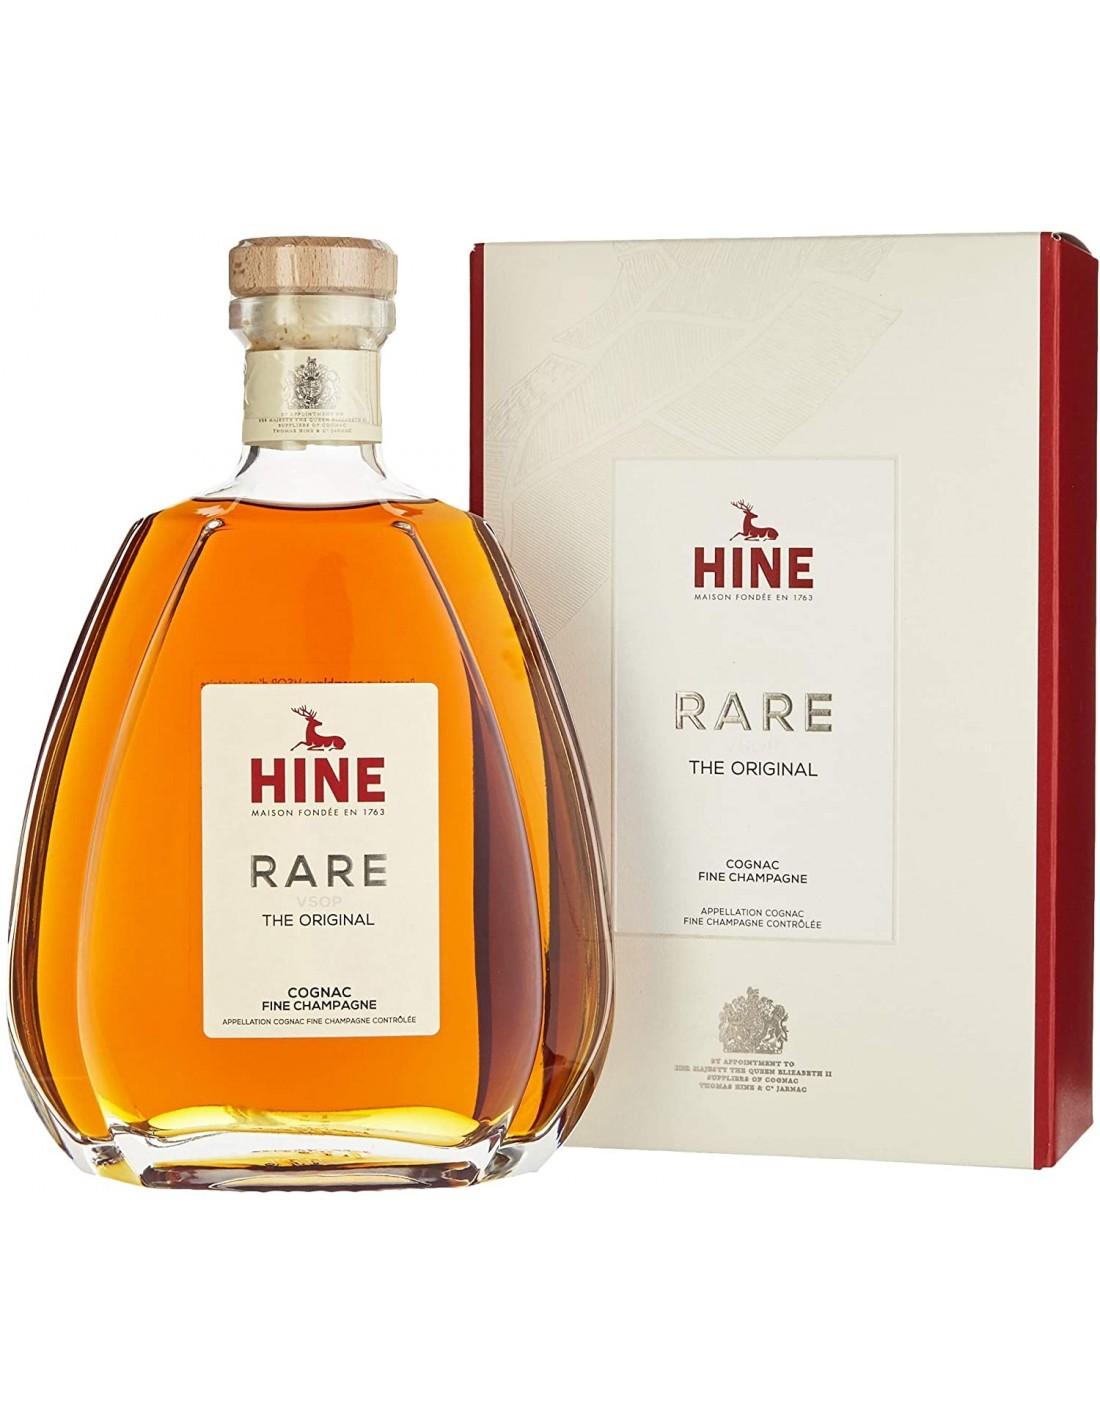 Coniac Hine Rare VSOP Fine + GB 40% alc., 0.7L